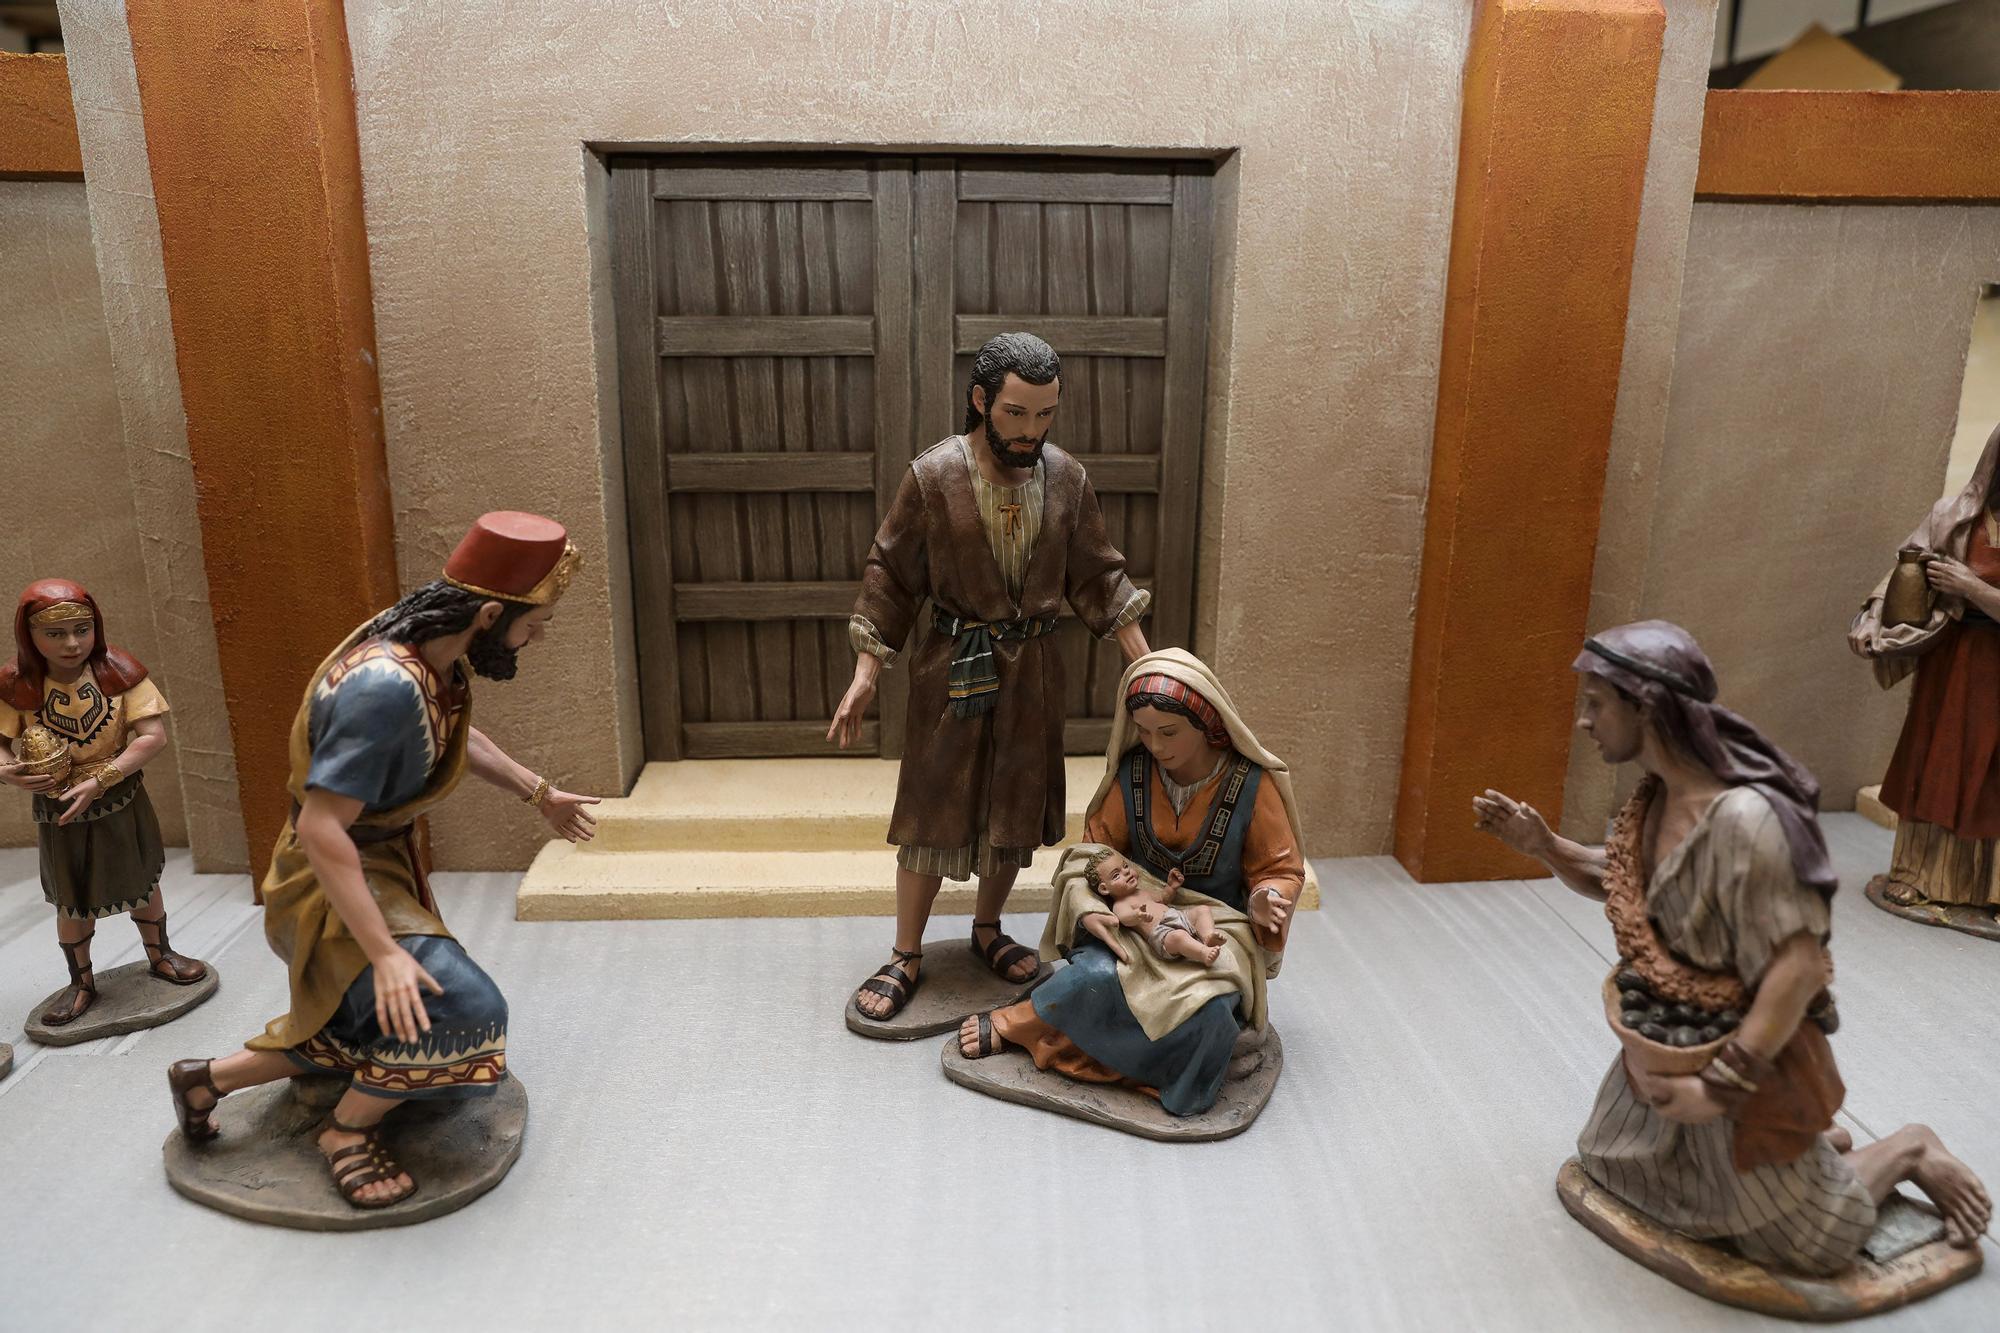 La Asocici�n Belenista de Gij�n prepara su bel�n monumental (4).jpg